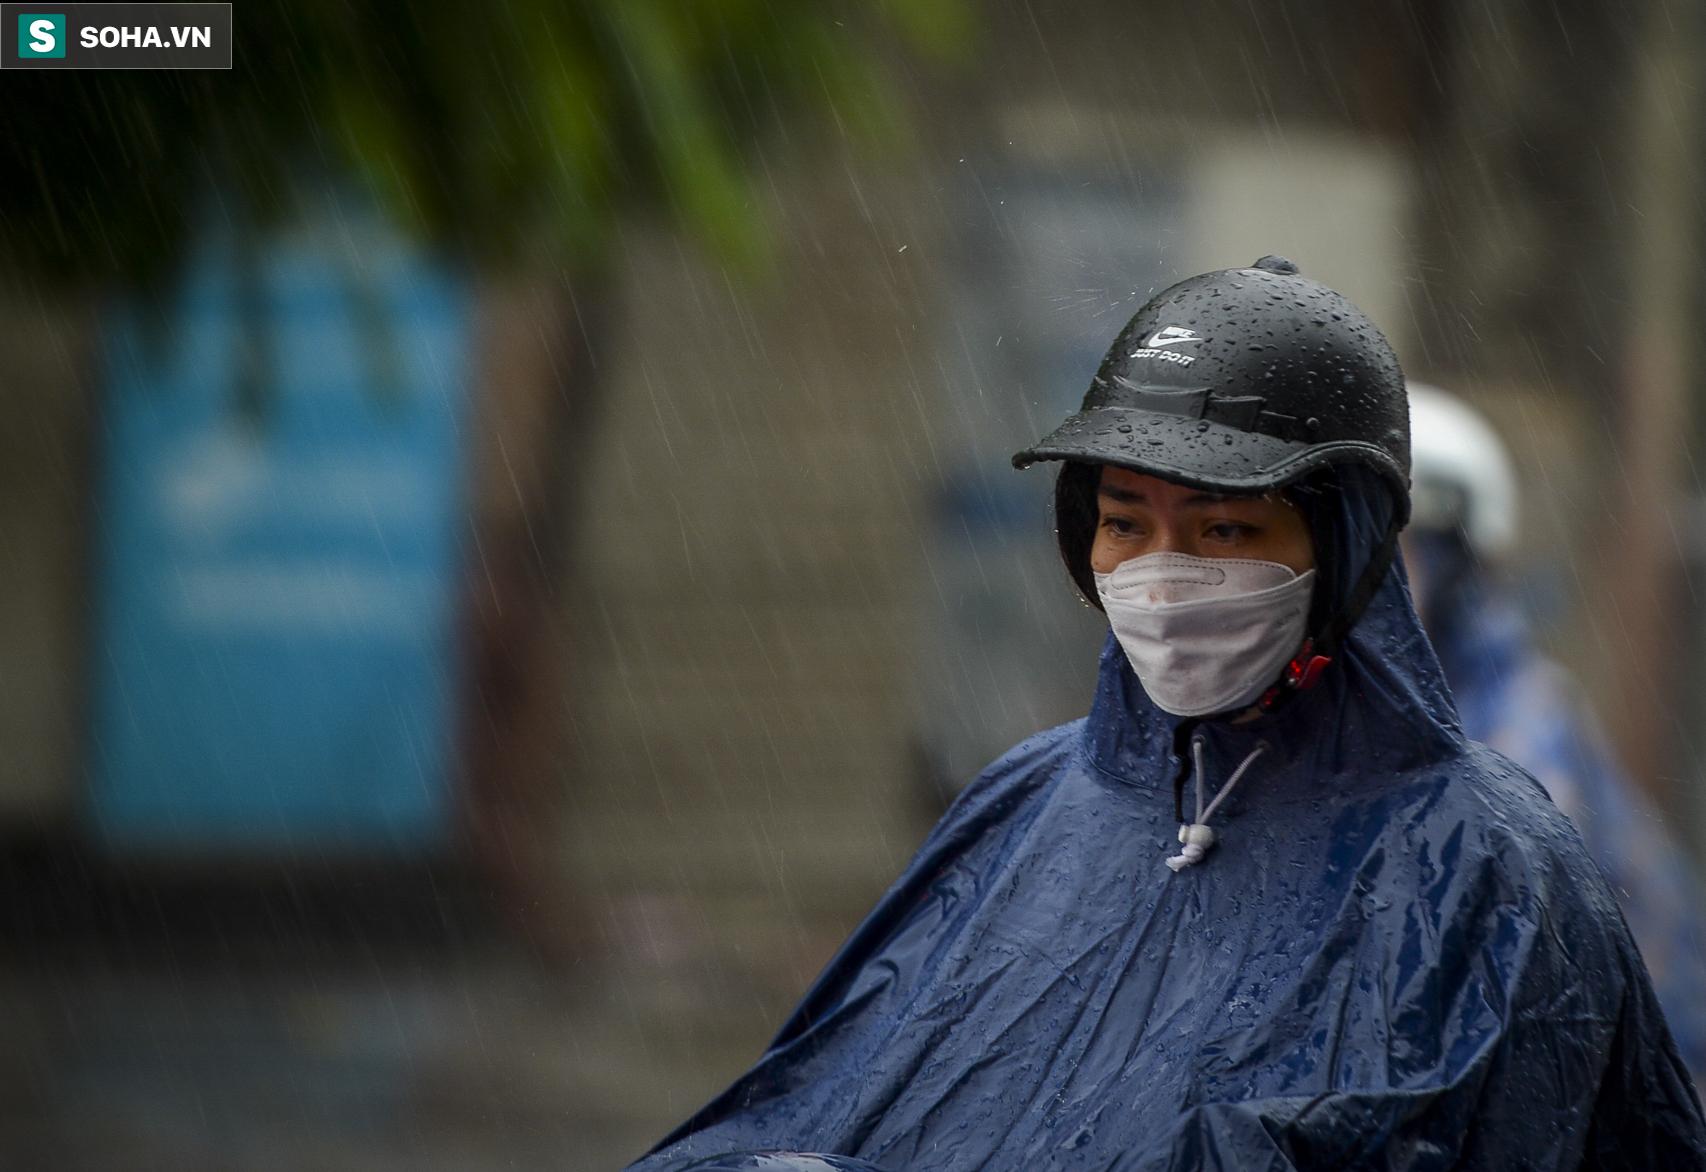 Hà Nội: Trận mưa rào lúc 8h sáng khiến trời tối sầm, nhiều phương tiện phải bật đèn để di chuyển - Ảnh 7.